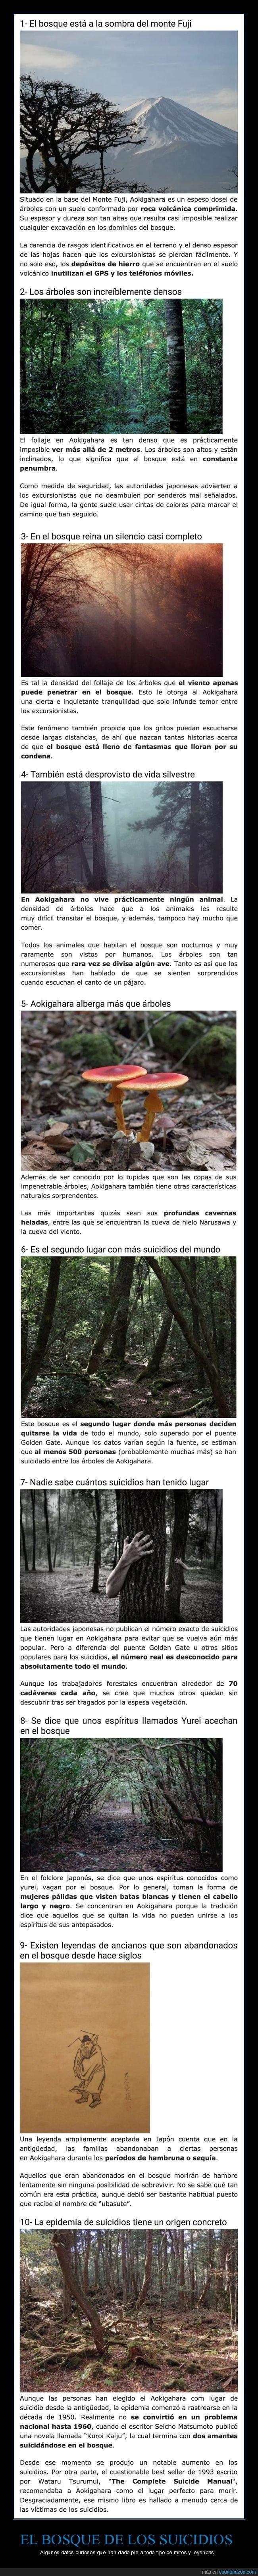 bosque,bosque de los suicidios,curiosidades,mitos